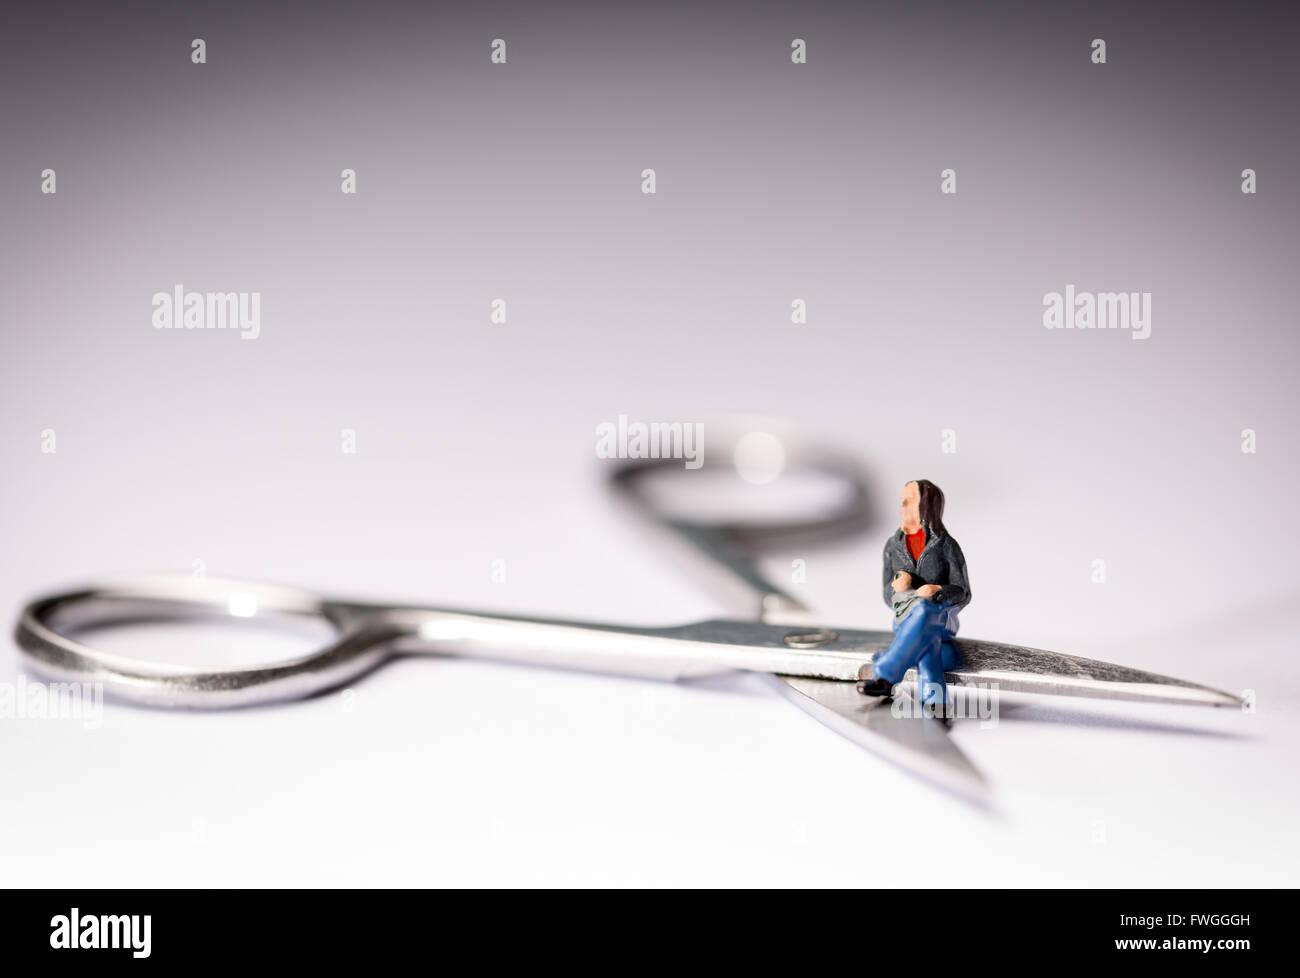 Vasektomie-Konzept-Bild einer Miniatur Figur Schneidersitz saß auf der Schere Stockbild